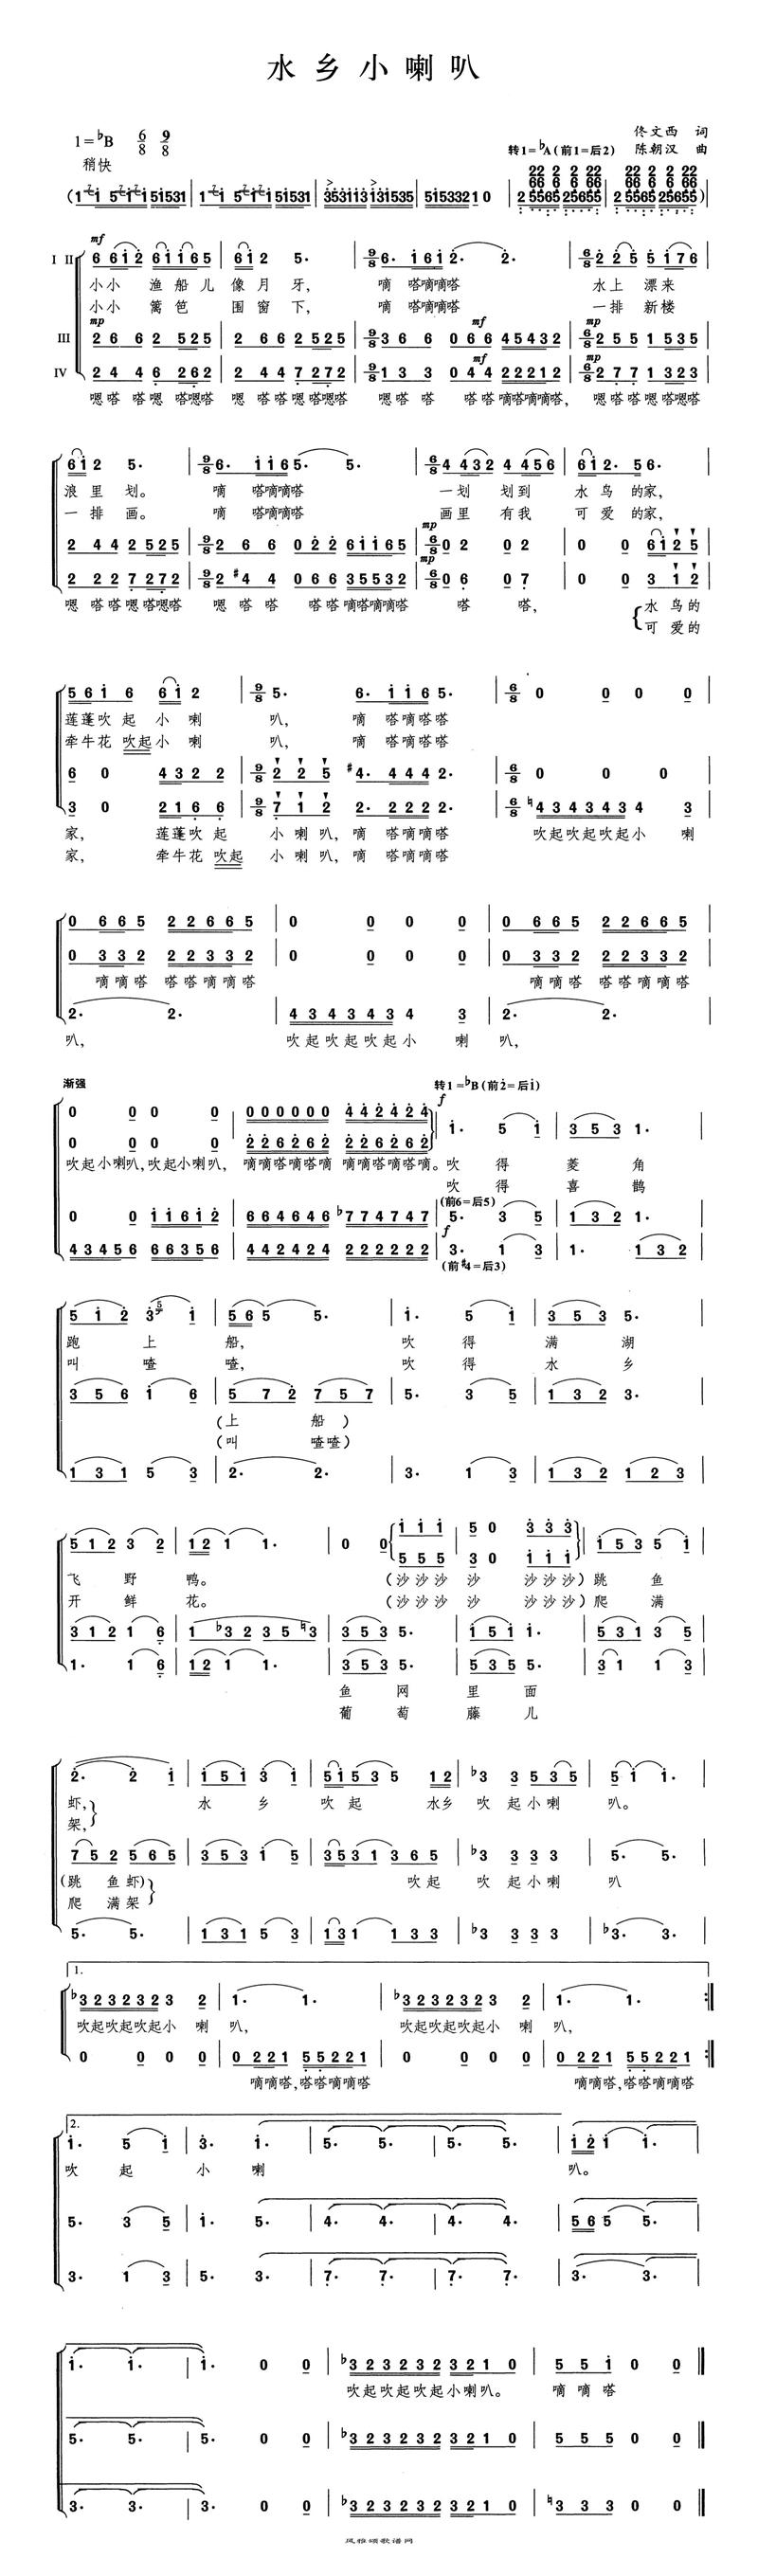 水乡小喇叭(童声)高清手机移动歌谱简谱